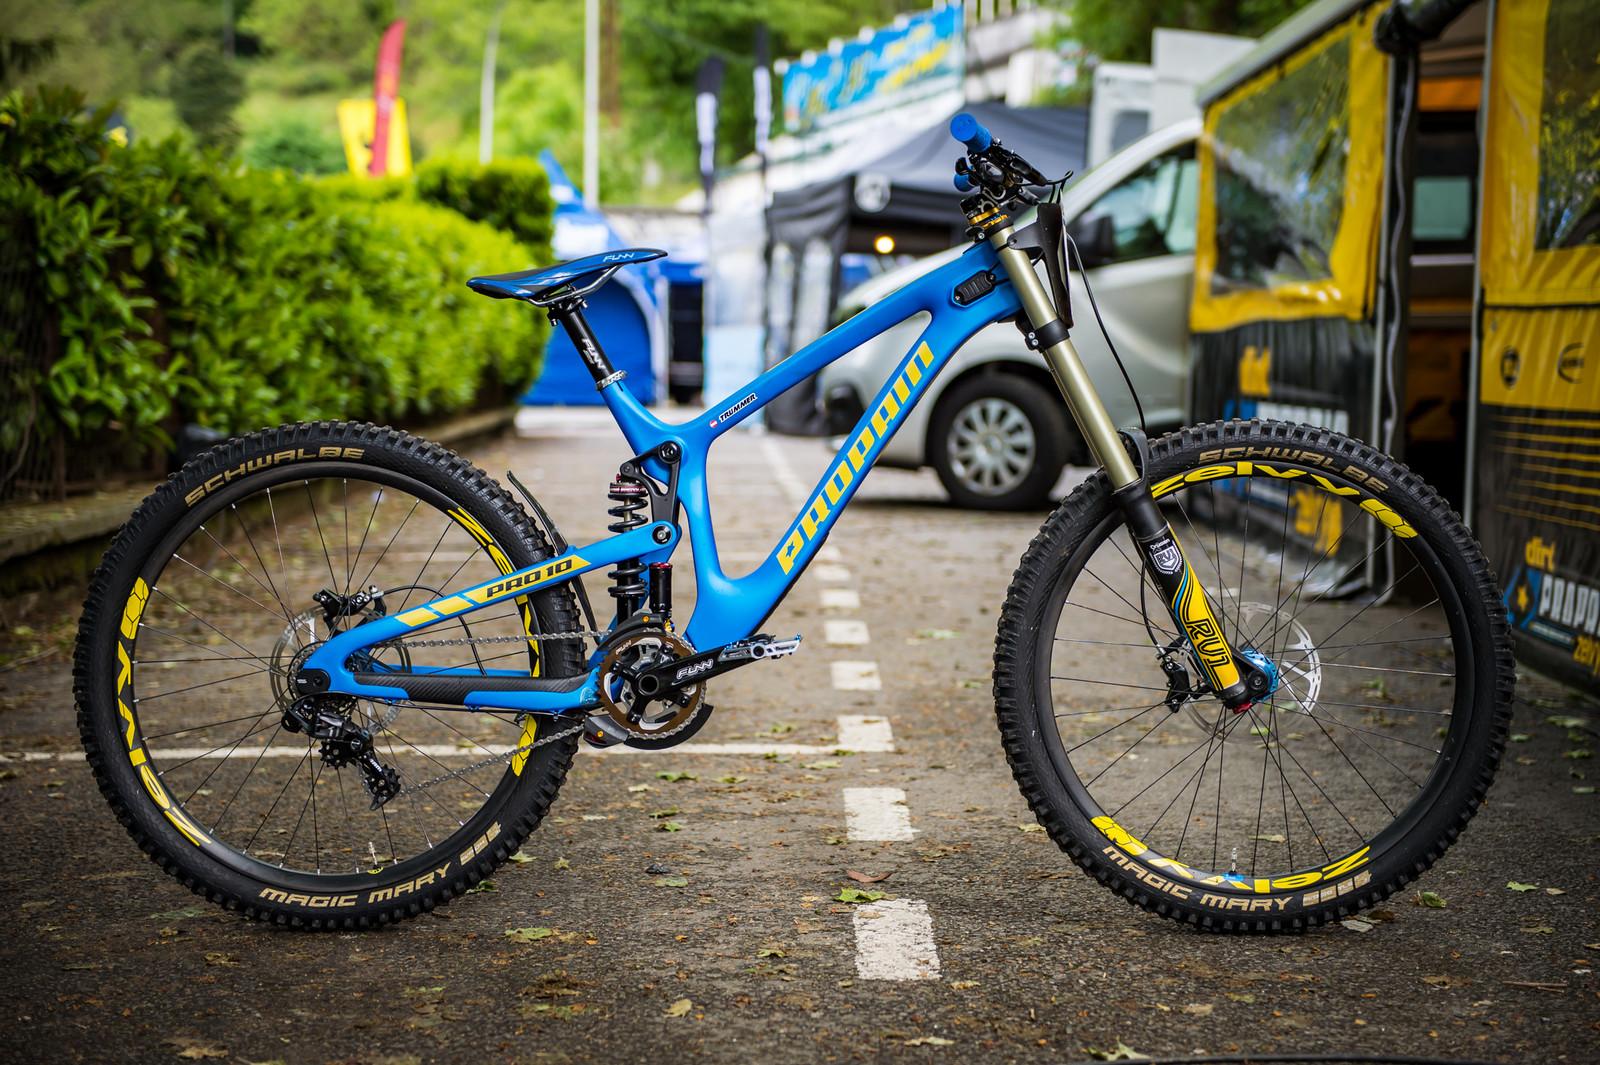 Propain Dirt Zelvy - 2017 Lourdes World Cup Pit Bits - Mountain Biking Pictures - Vital MTB